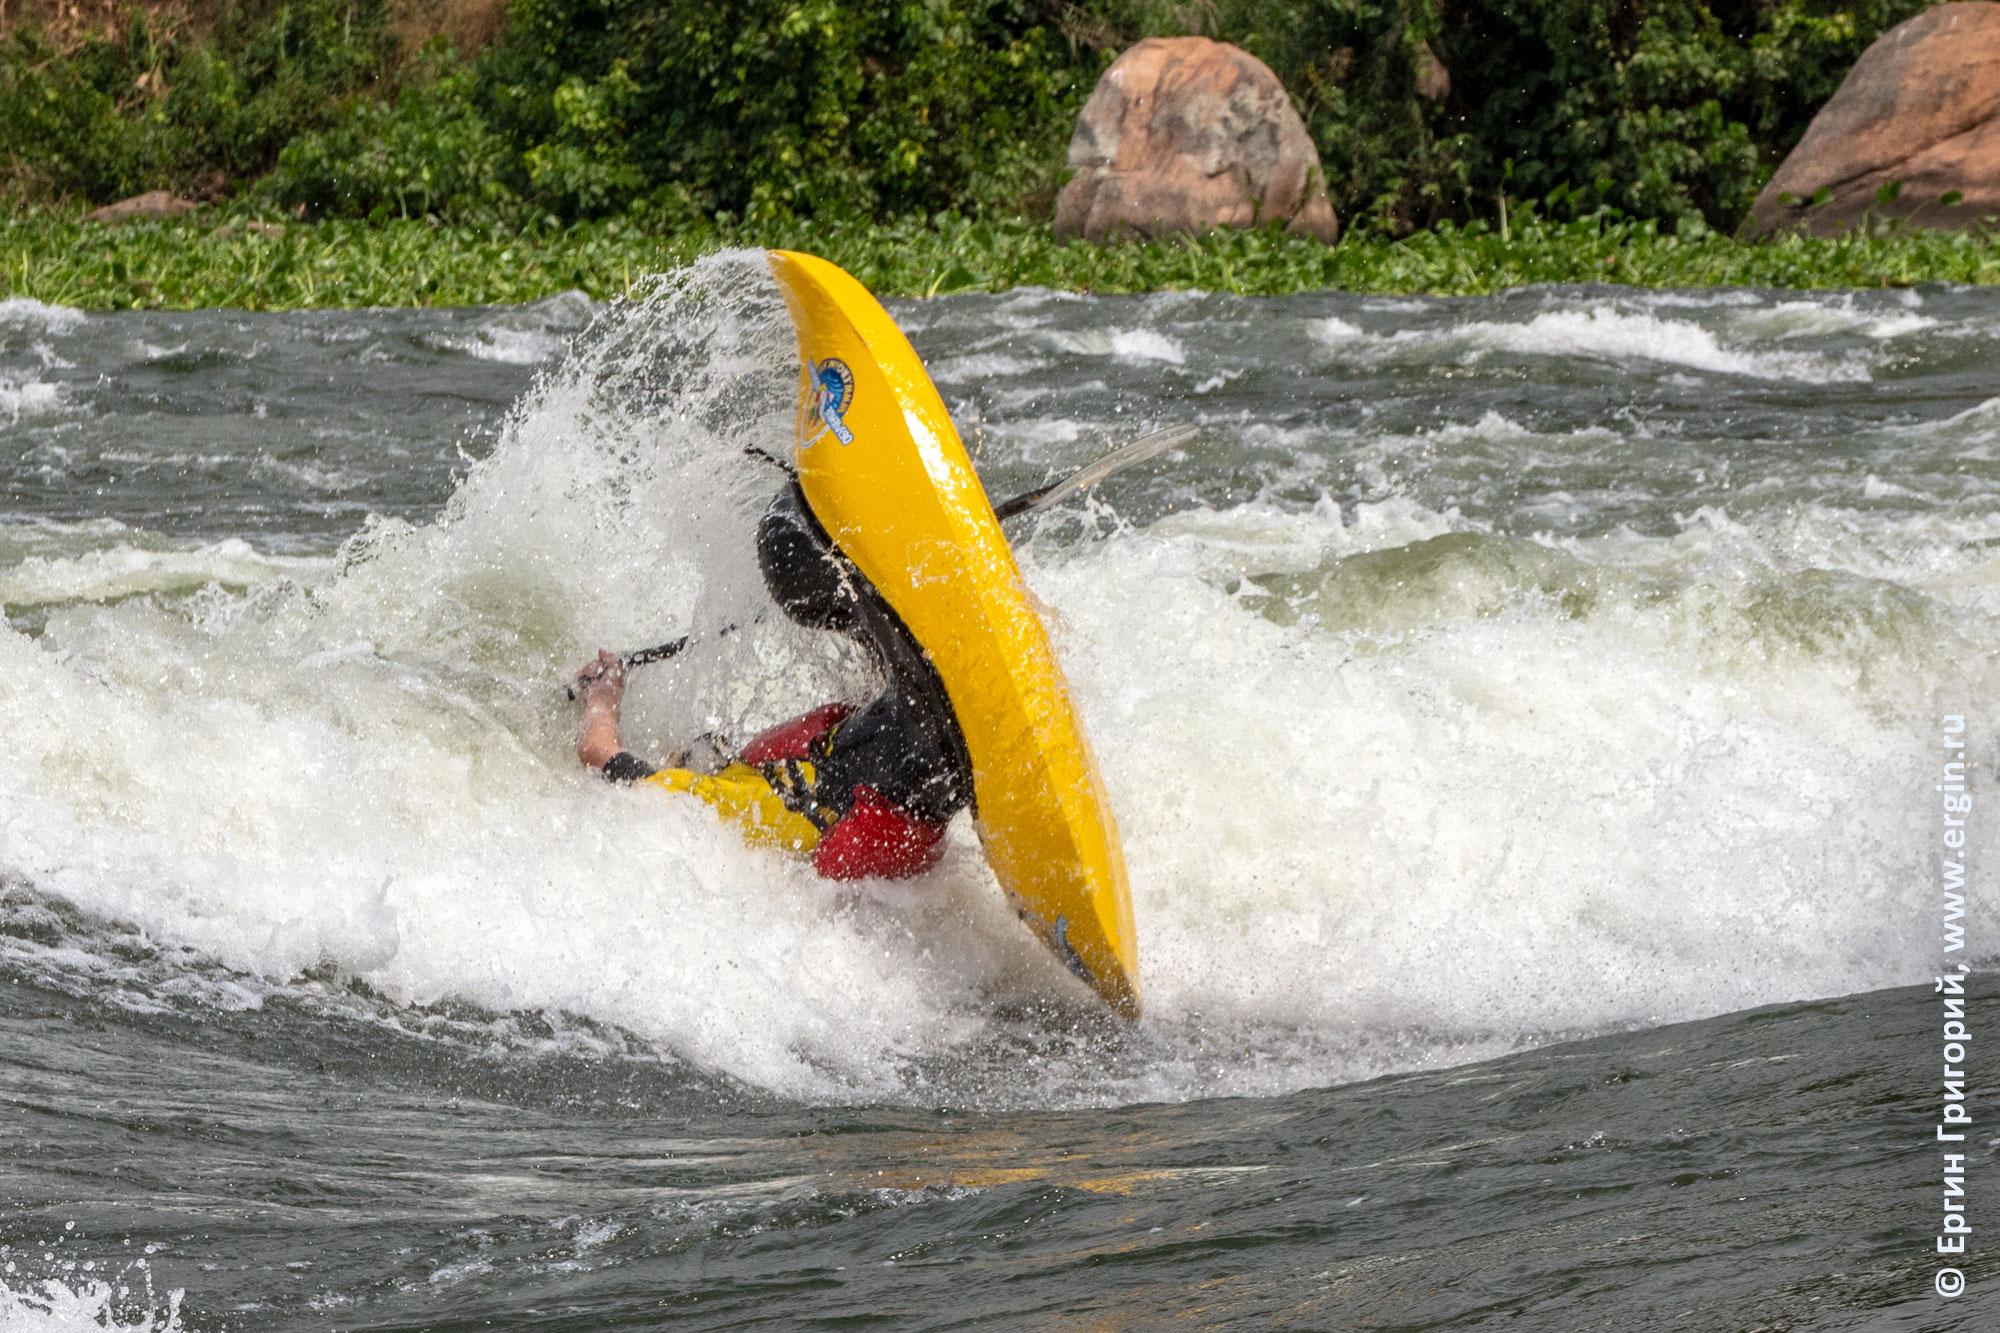 Фристайл-каякинг родео на бурной воде на каяке